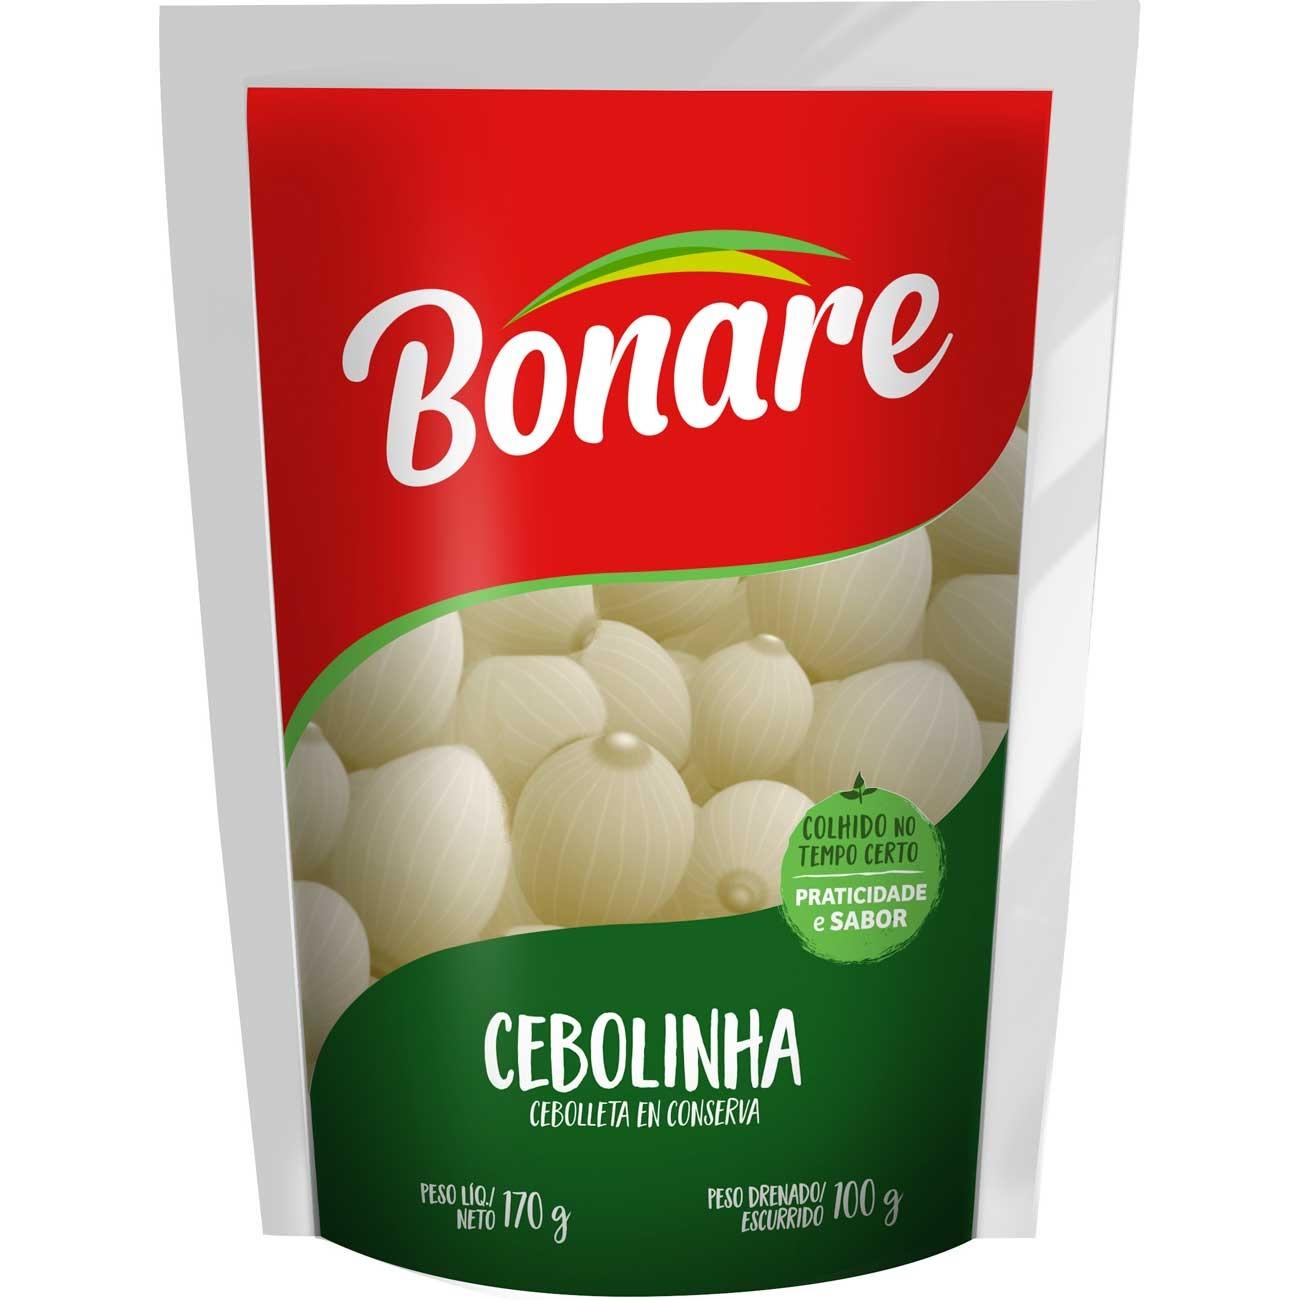 Cebolinha Bonare Mi�da Sach� 100g | Caixa com 20 unidades